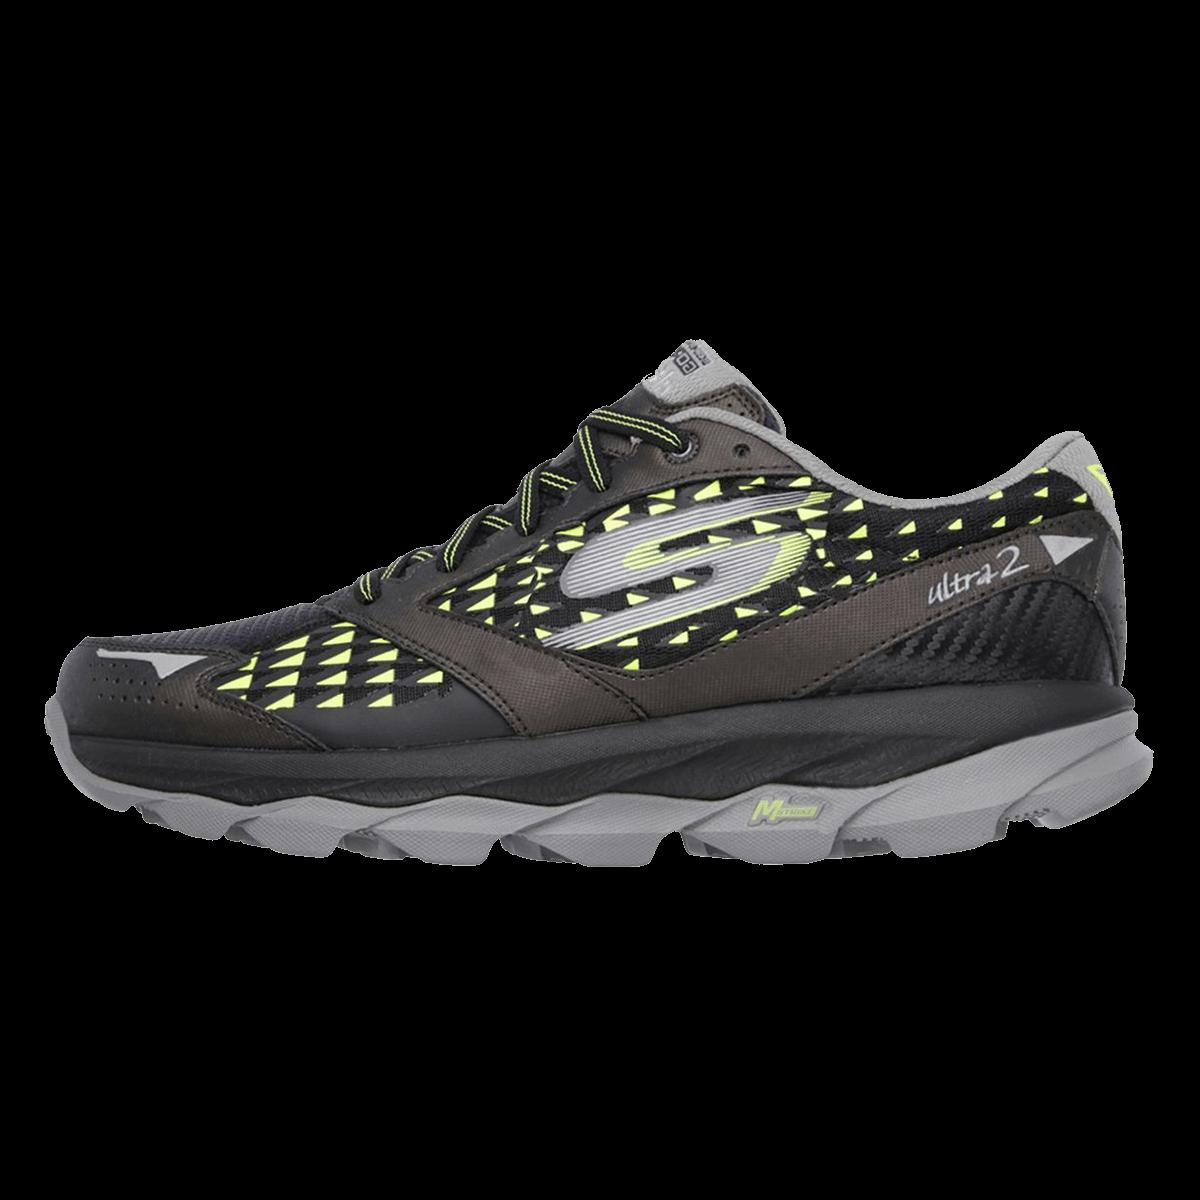 Skechers 53918 Go Run Ultra 2 Erkek Koşu Spor Ayakkabısı - 1 - Skechers PNG